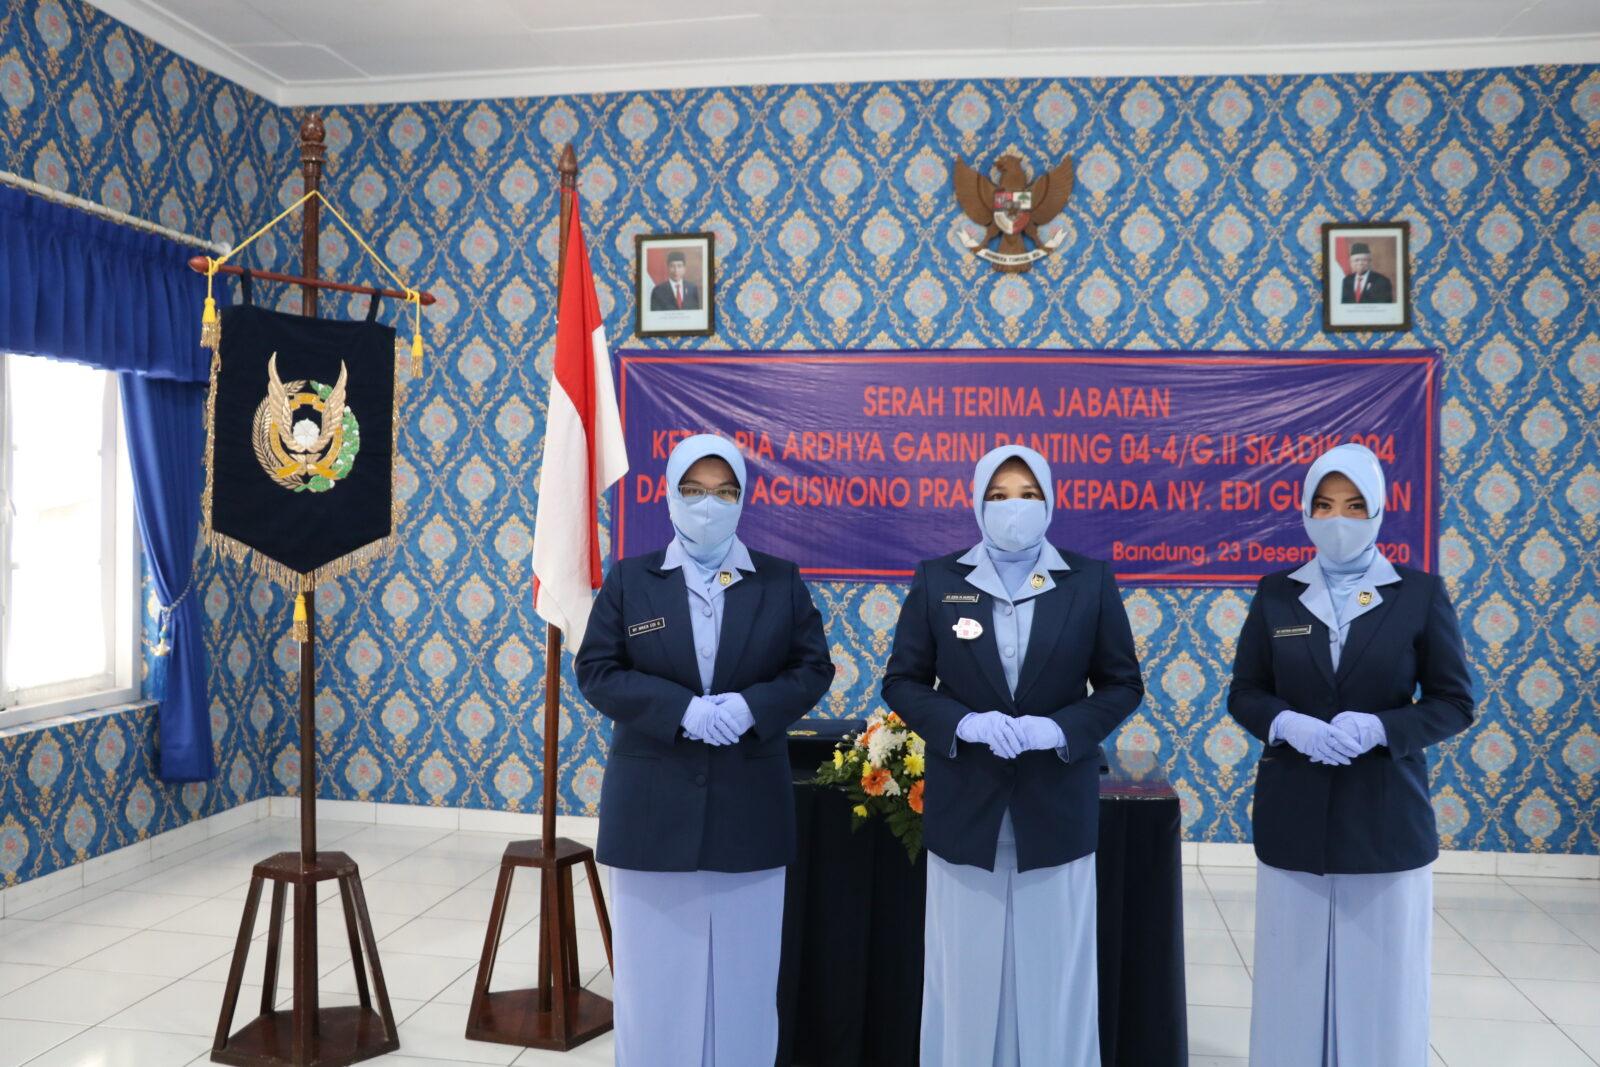 Sertijab Ketua PIA AG Ranting 04-4/G.II Skadik 204 Lanud Sulaiman